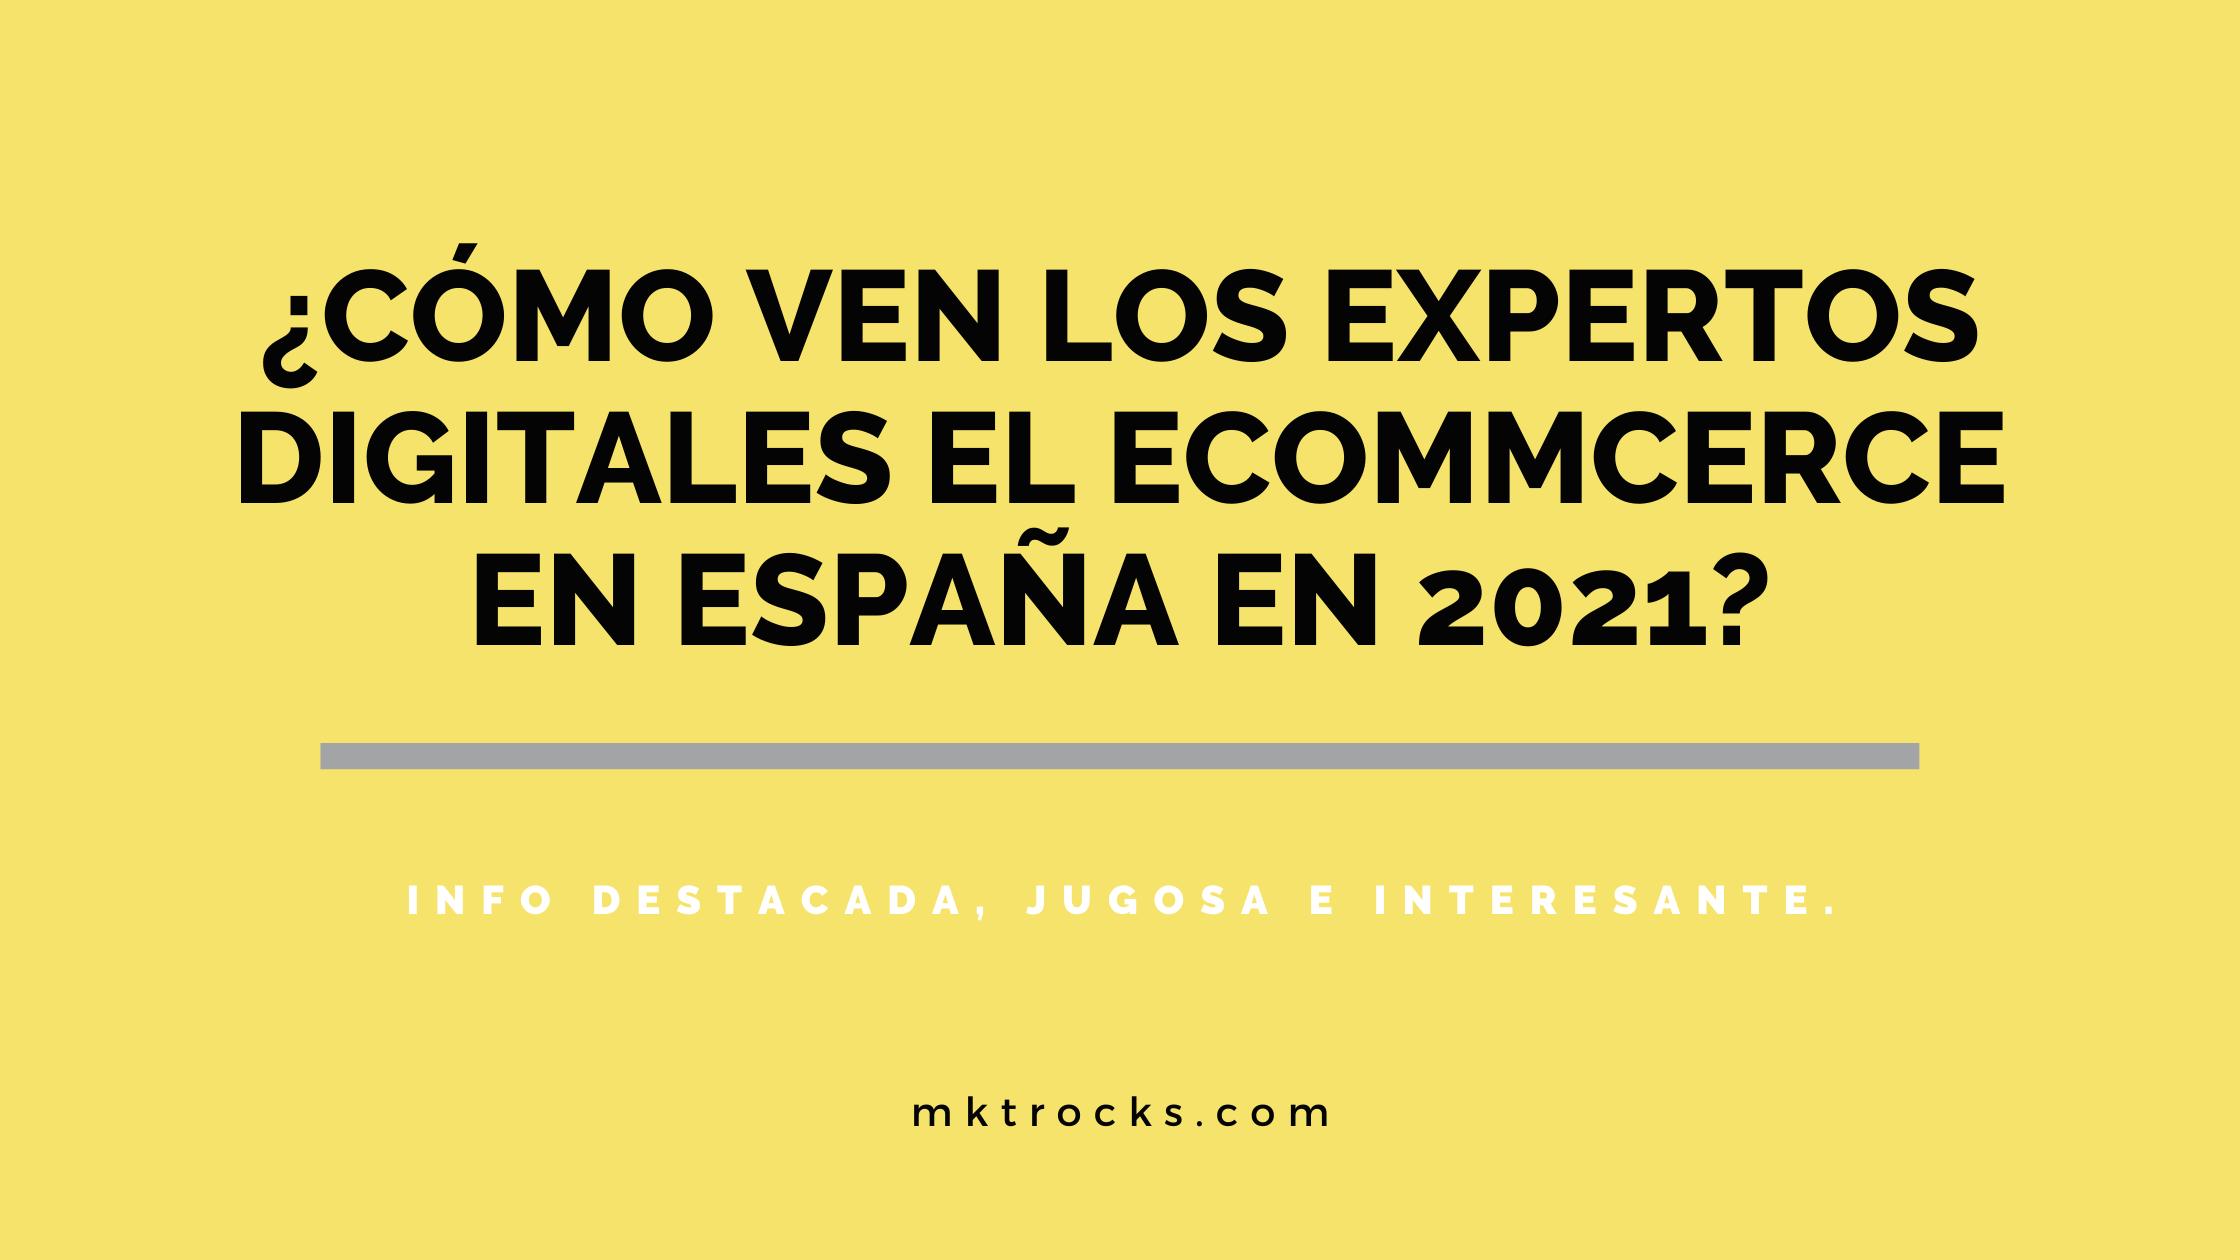 ¿Cómo ven los expertos digitales el ecommerce en España en 2021? - Informe Ecommerce